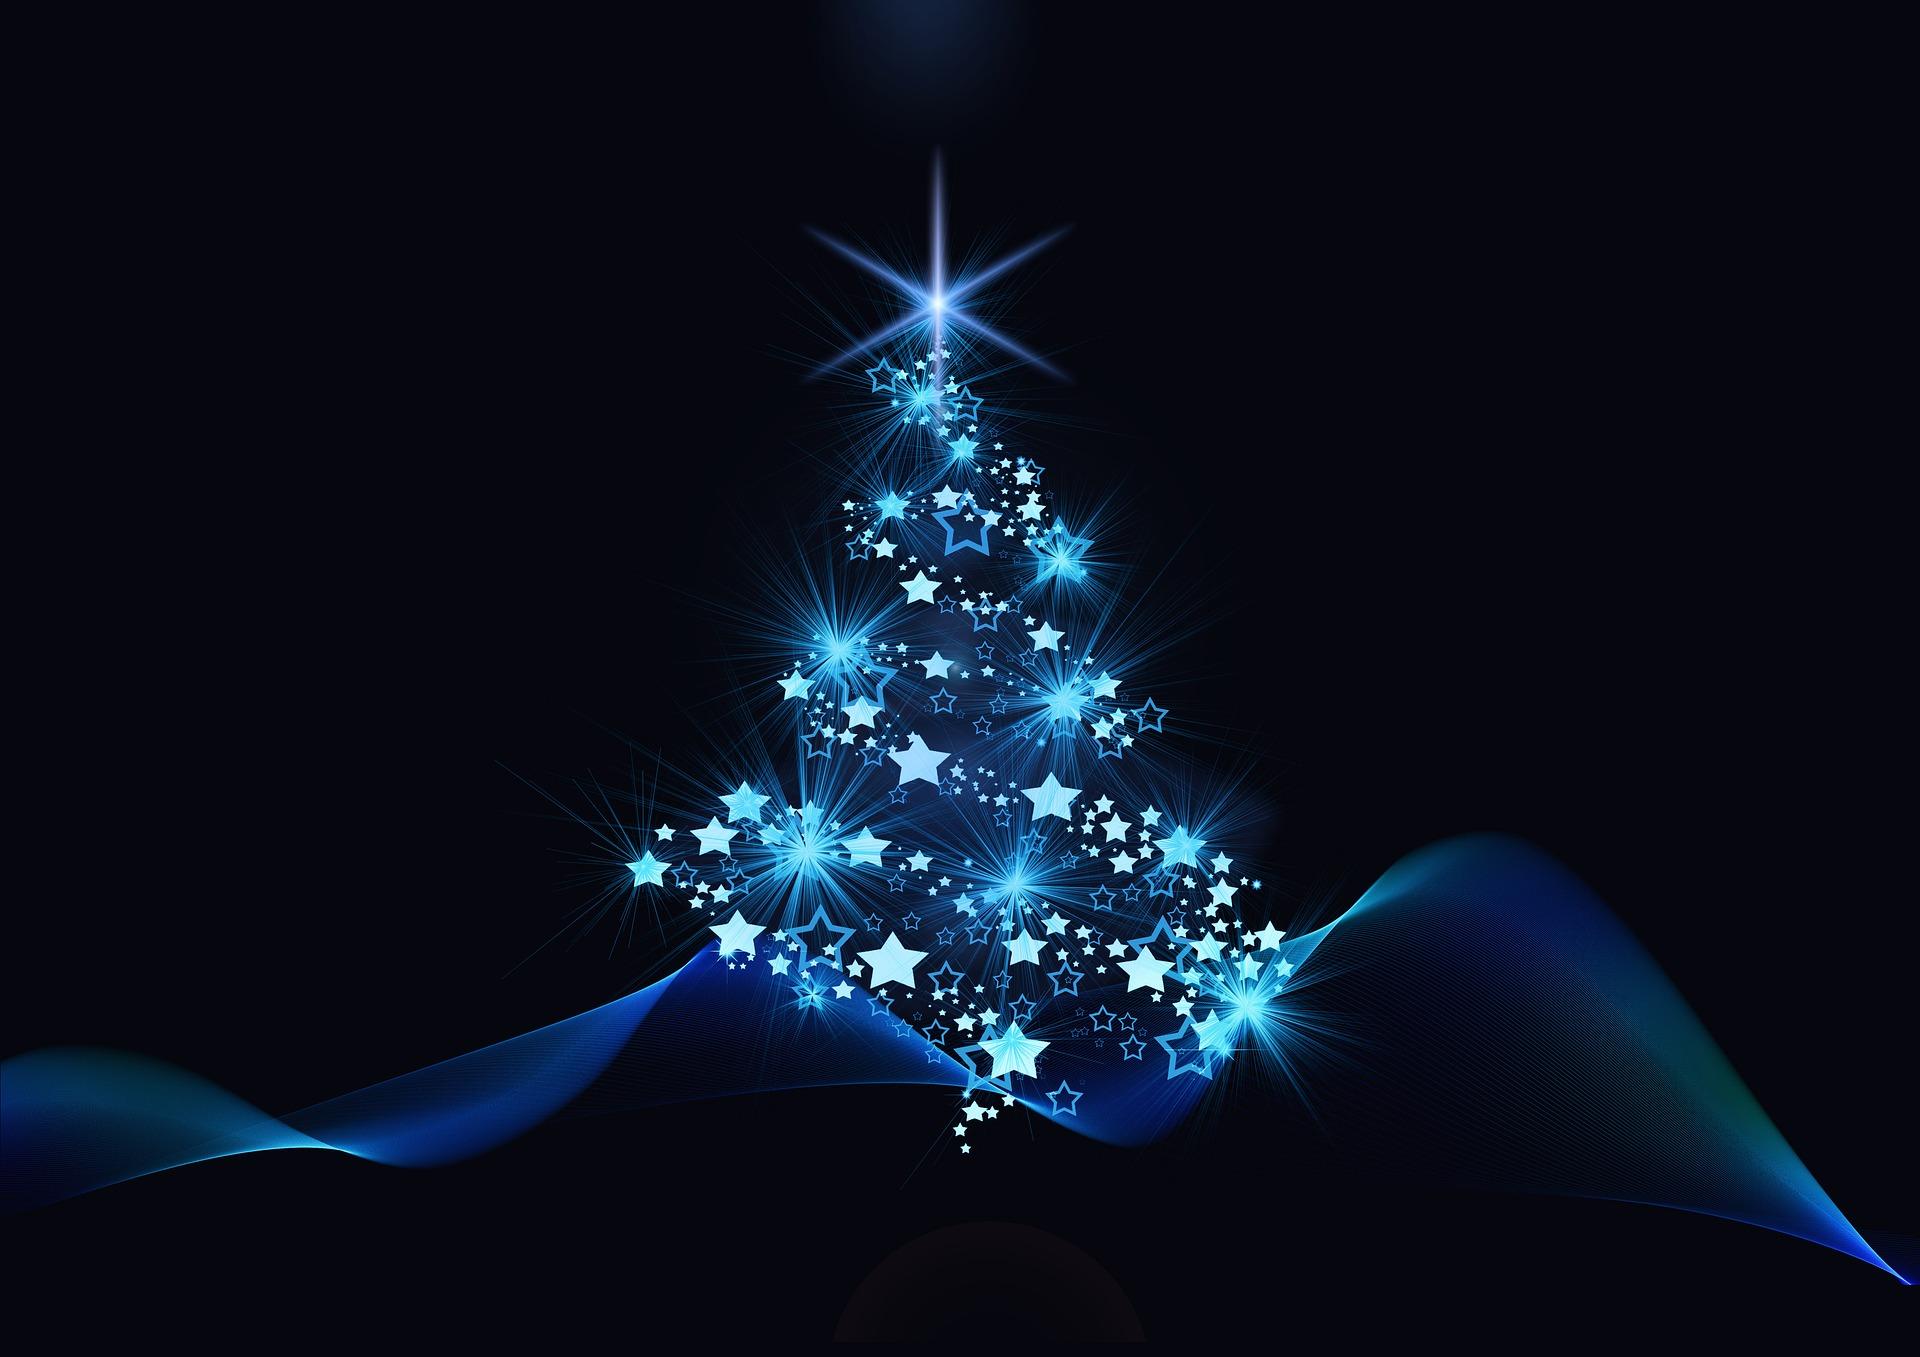 Las Mejores Imágenes de Navidad para Whatsapp